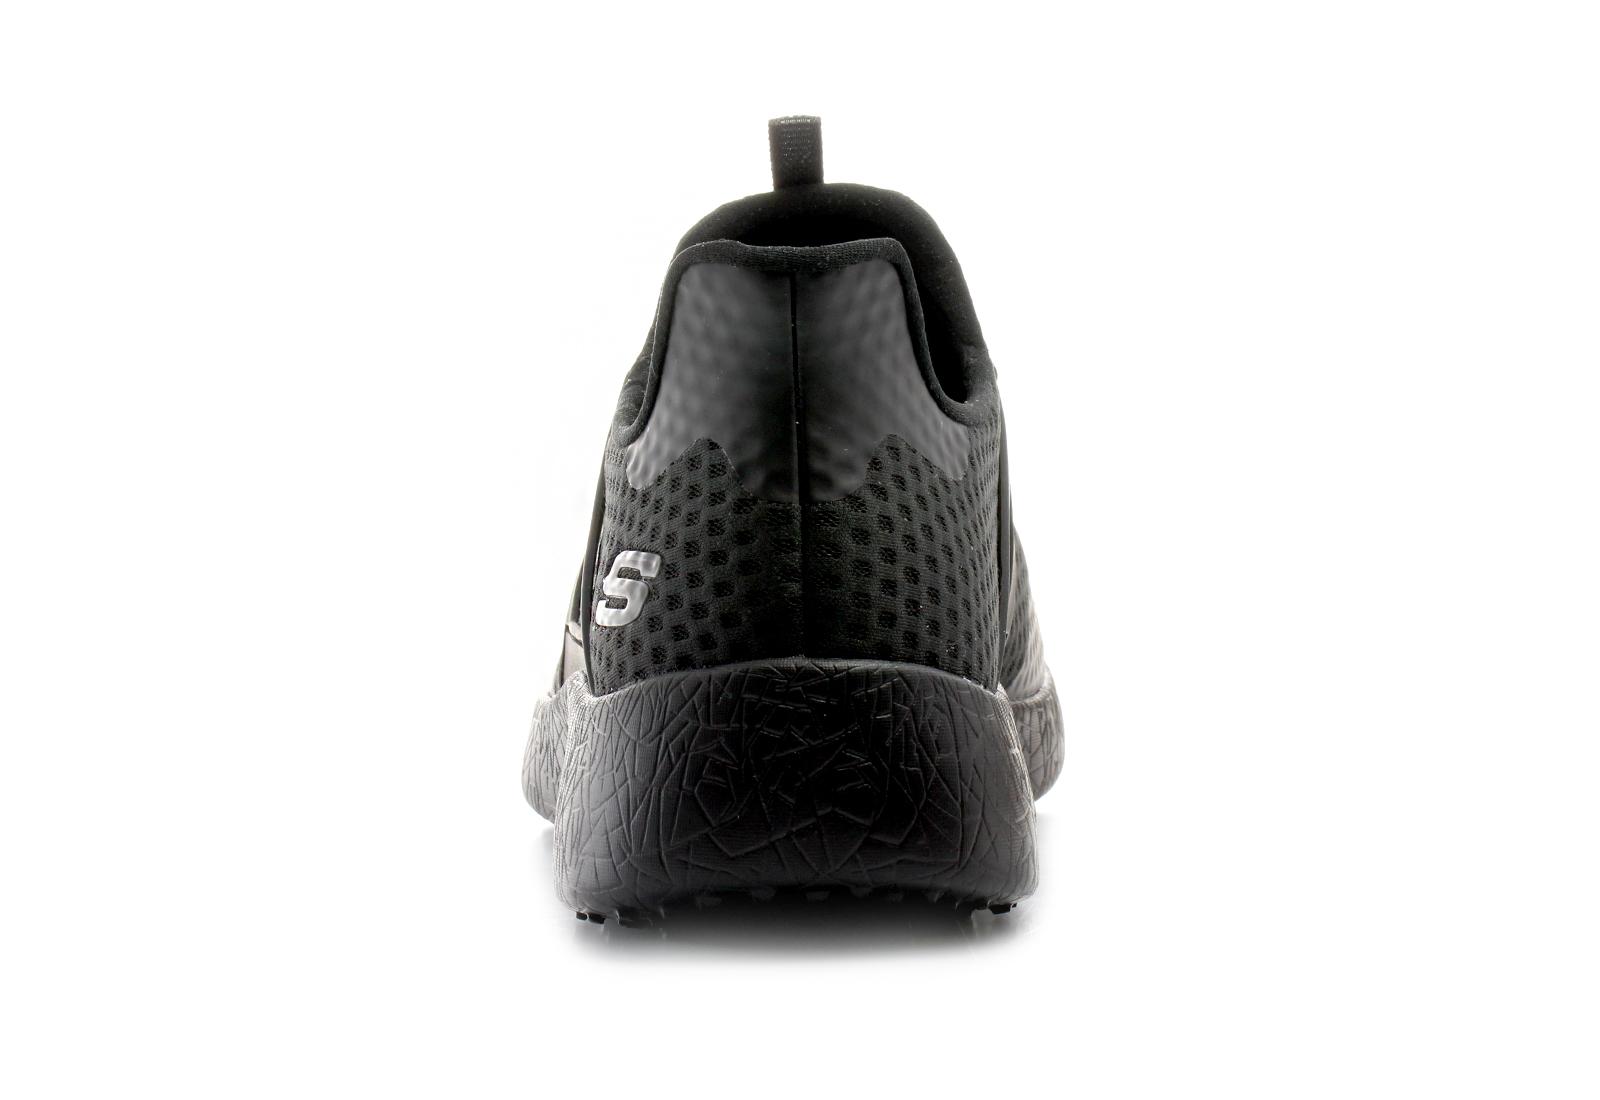 ea07e5b7b9d Skechers Topánky - Burst - Shinz - 52115-bbk - Tenisky